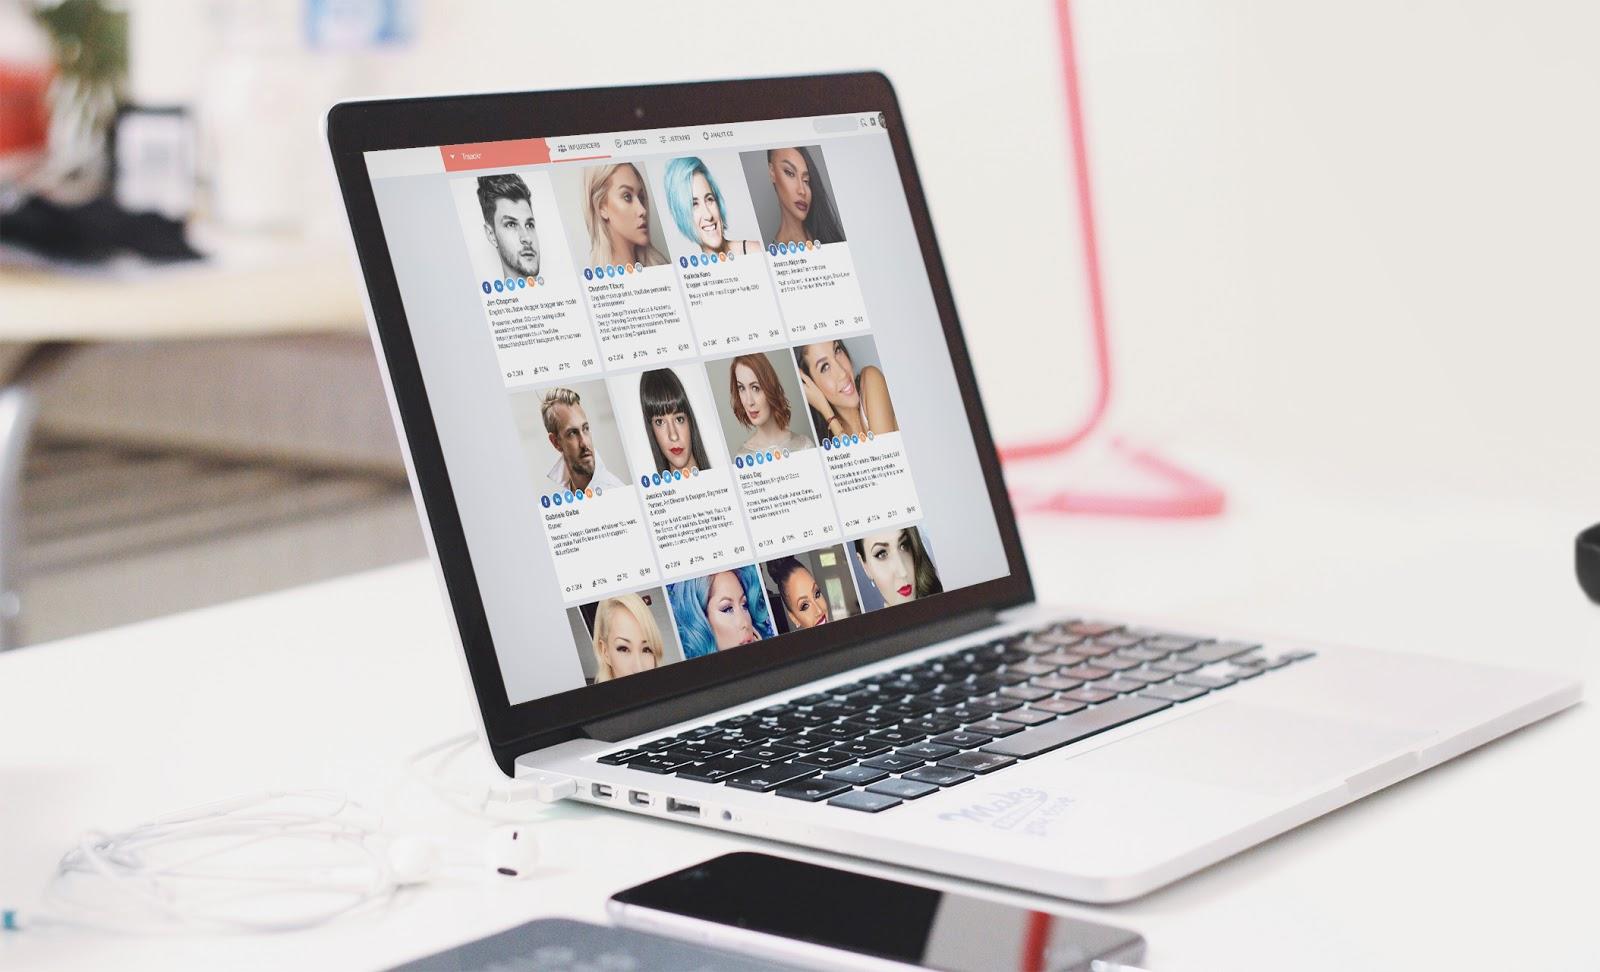 Exemple de la visualisation des profils des influenceurs sur Traackr.